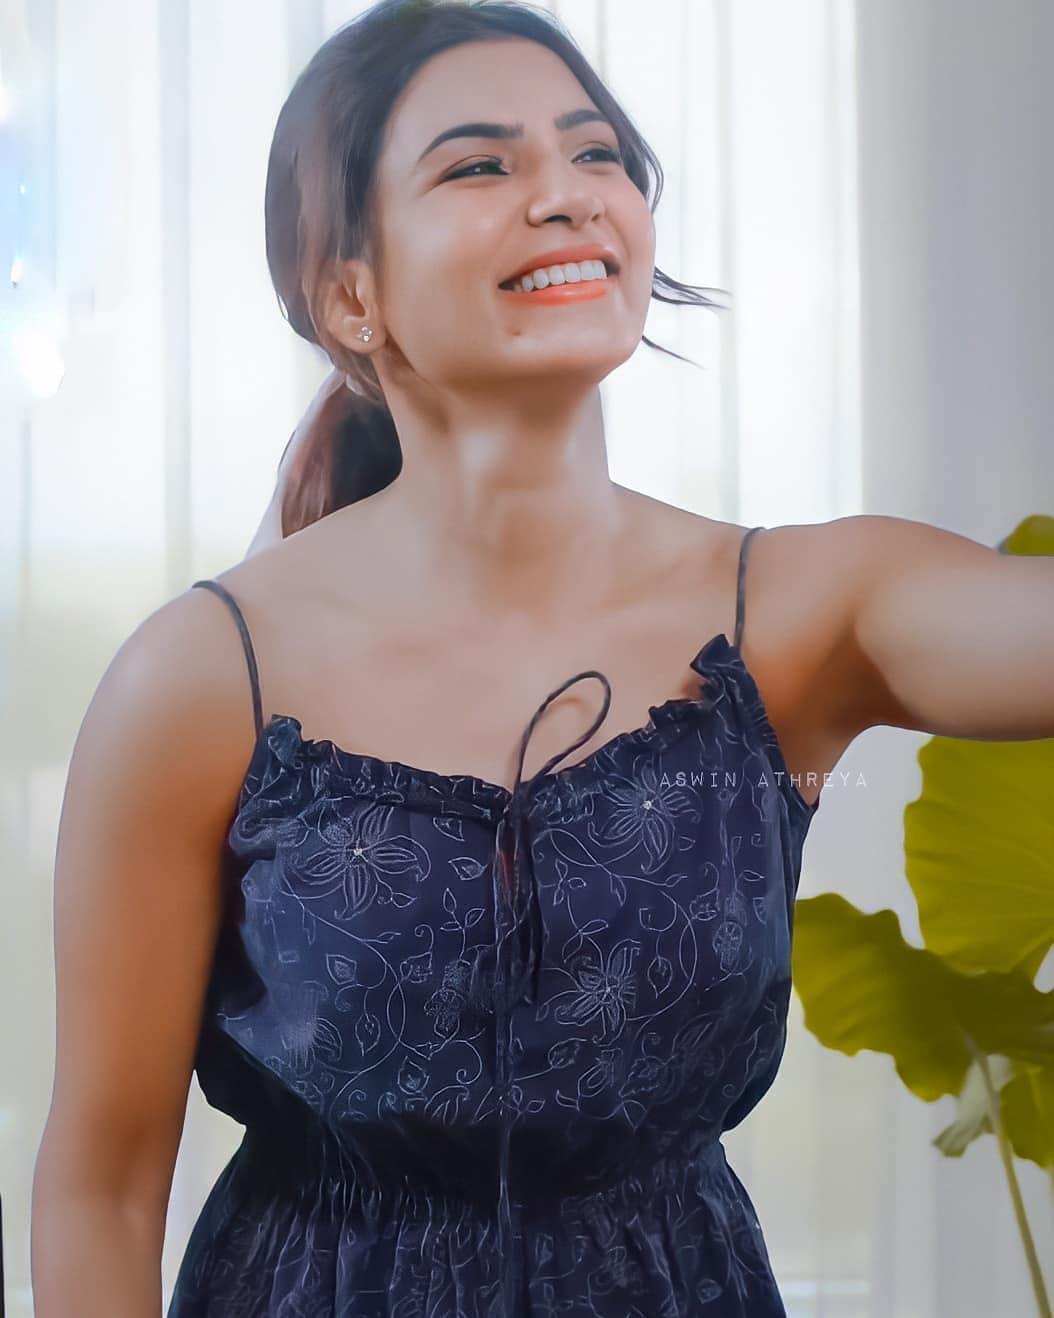 Samantha pic